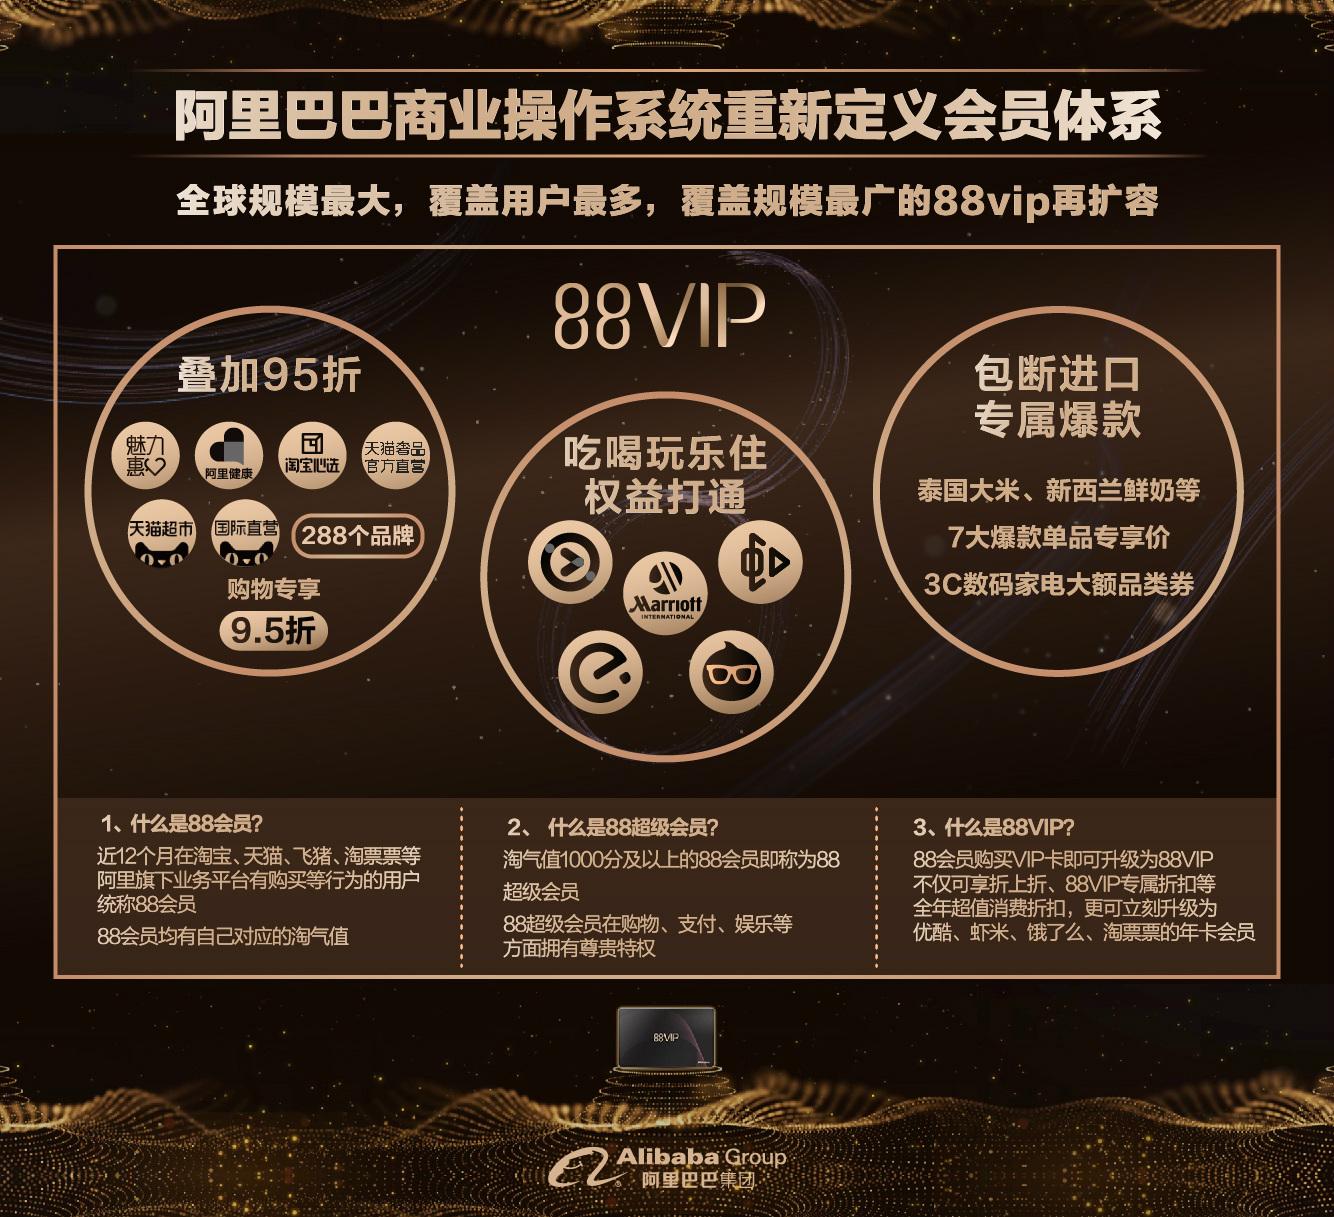 阿里88VIP重新定义会员体系再扩容_meitu_4